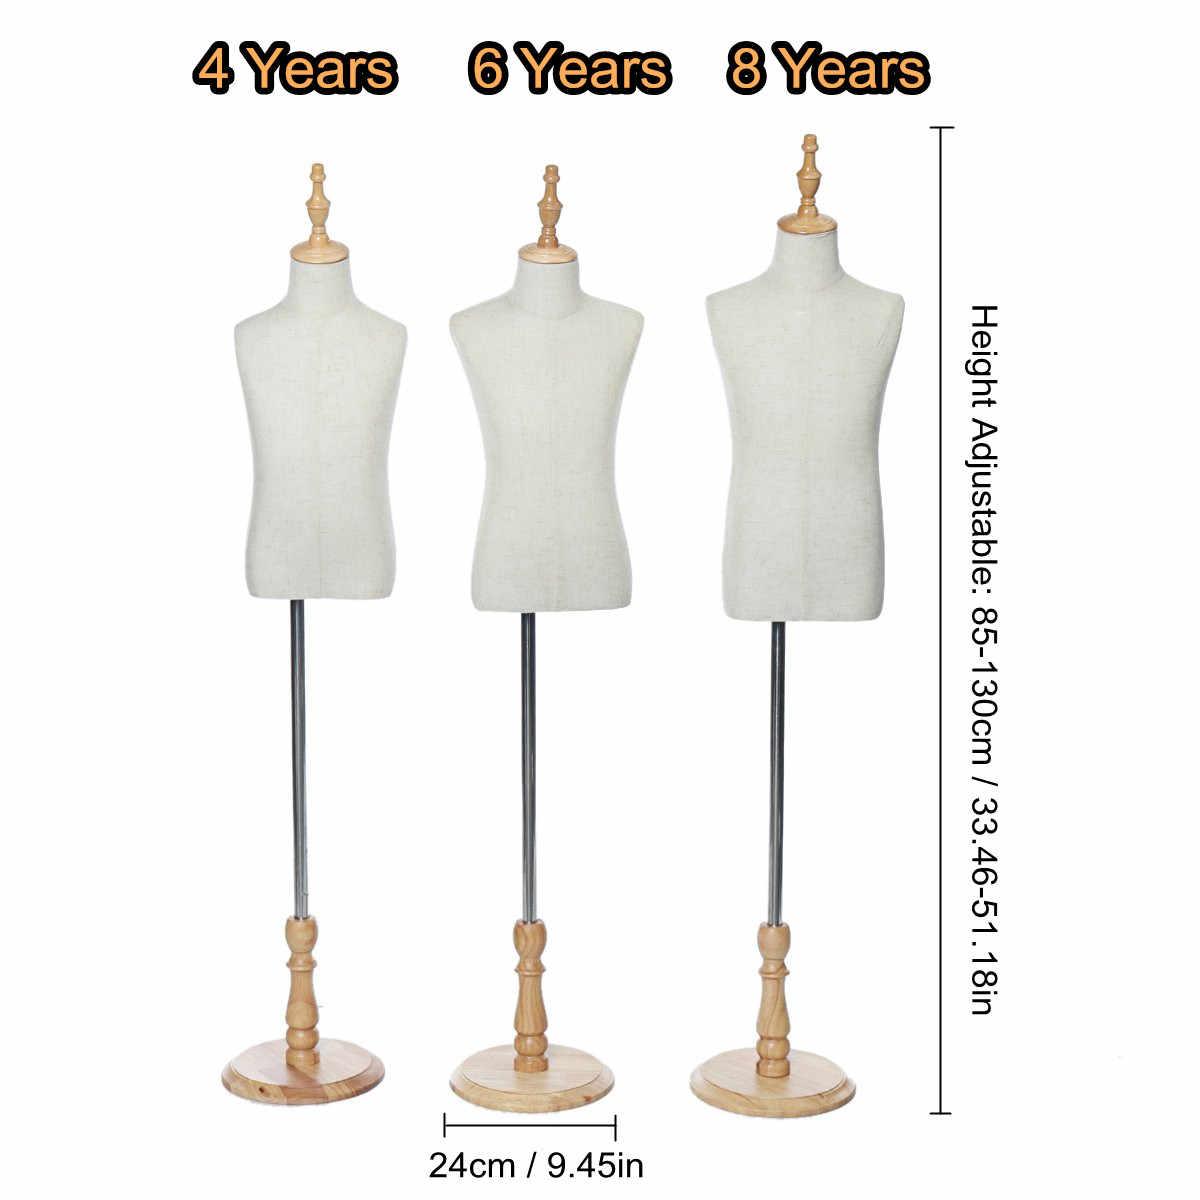 3 rozmiar lniana tkanina dobrze wykonana sukienka tkaniny manekin demontowalne wsparcie dziecko model manekina stojak na krawców wyświetlacz odzieży